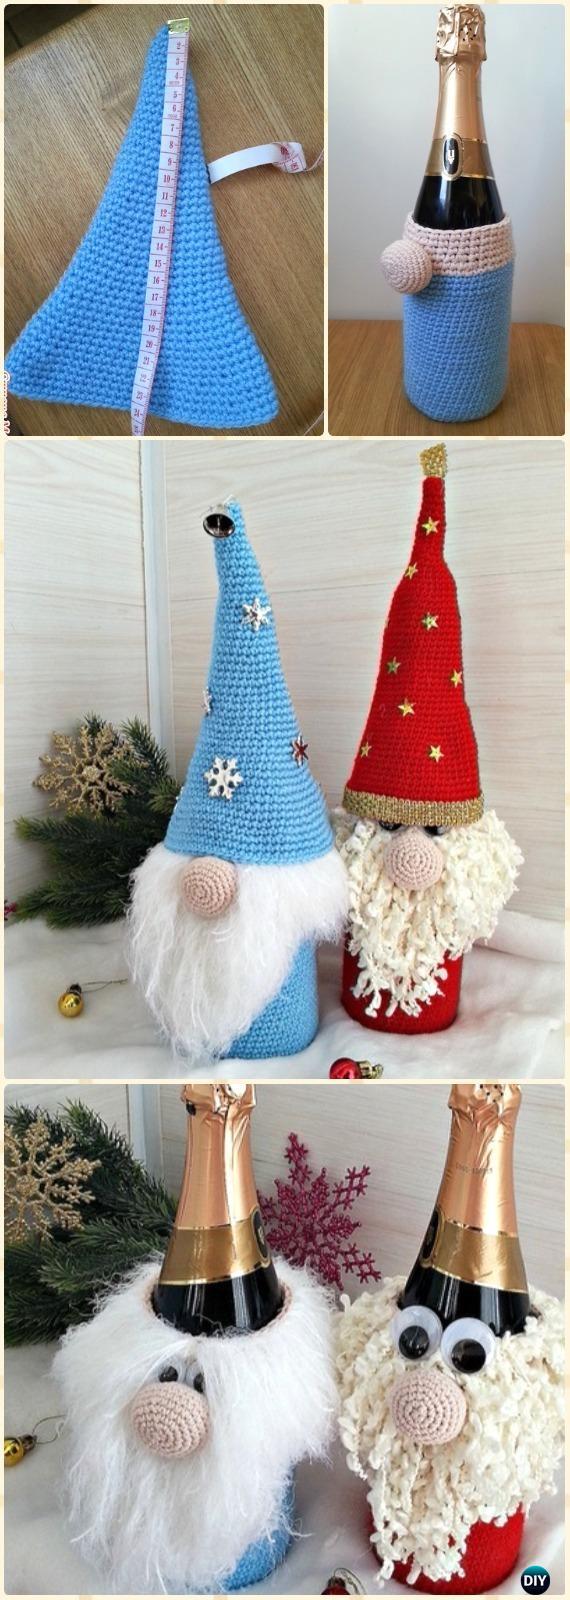 Crochet GnomeWine Bottle Cozy Free Pattern - Crochet Wine Bottle Cozy Bag Free Patterns